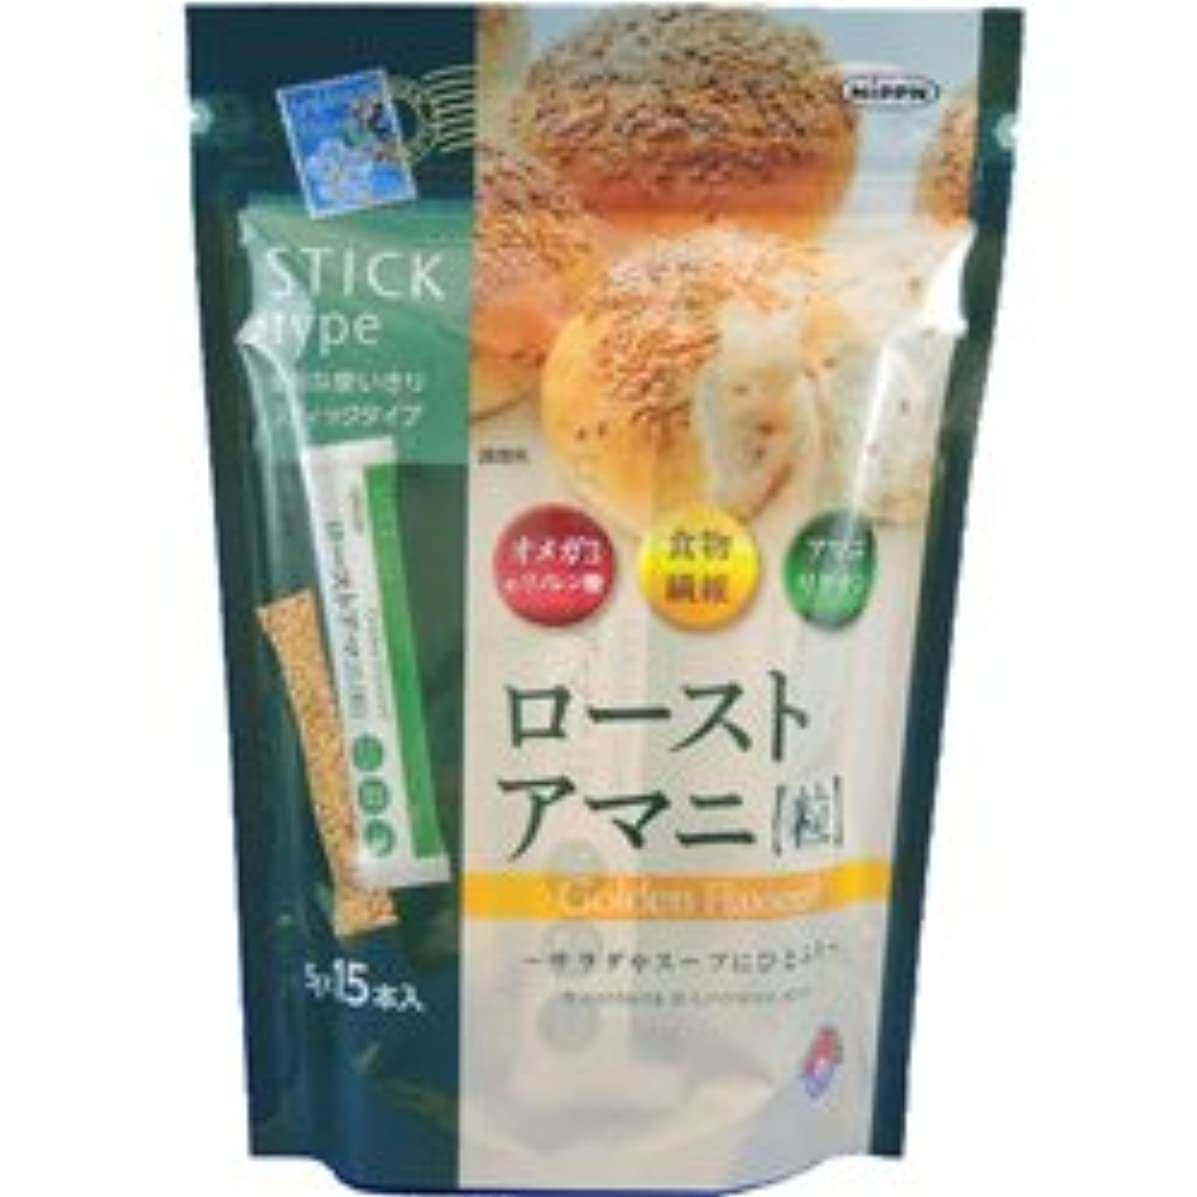 啓発する韓国語描く【日本製粉】ローストアマニ粒 75g ×20個セット